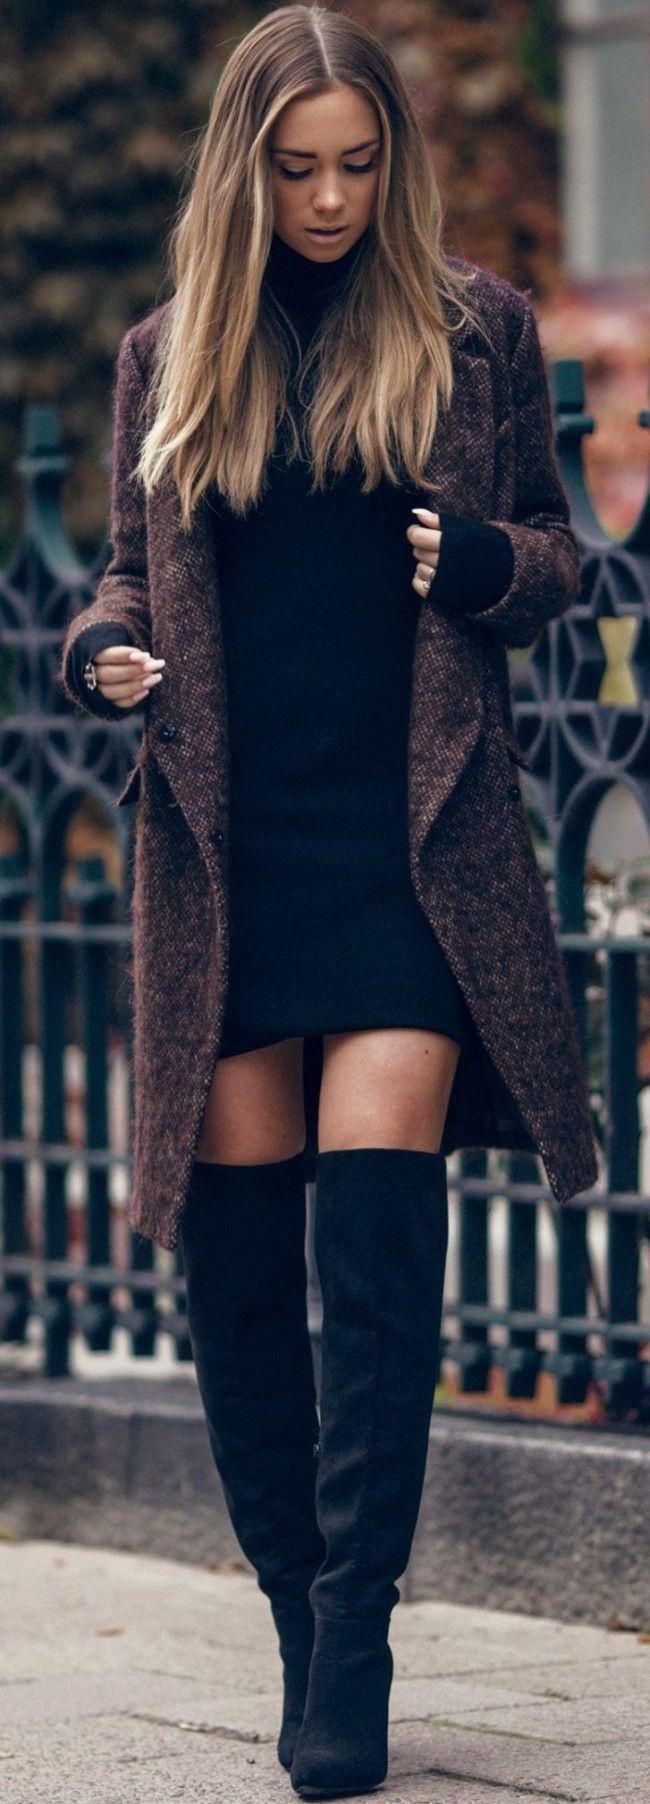 Farbe der Schuhe zu schwarzem Kleid 50+ Ideen #Schuhe #schwarzemKleid